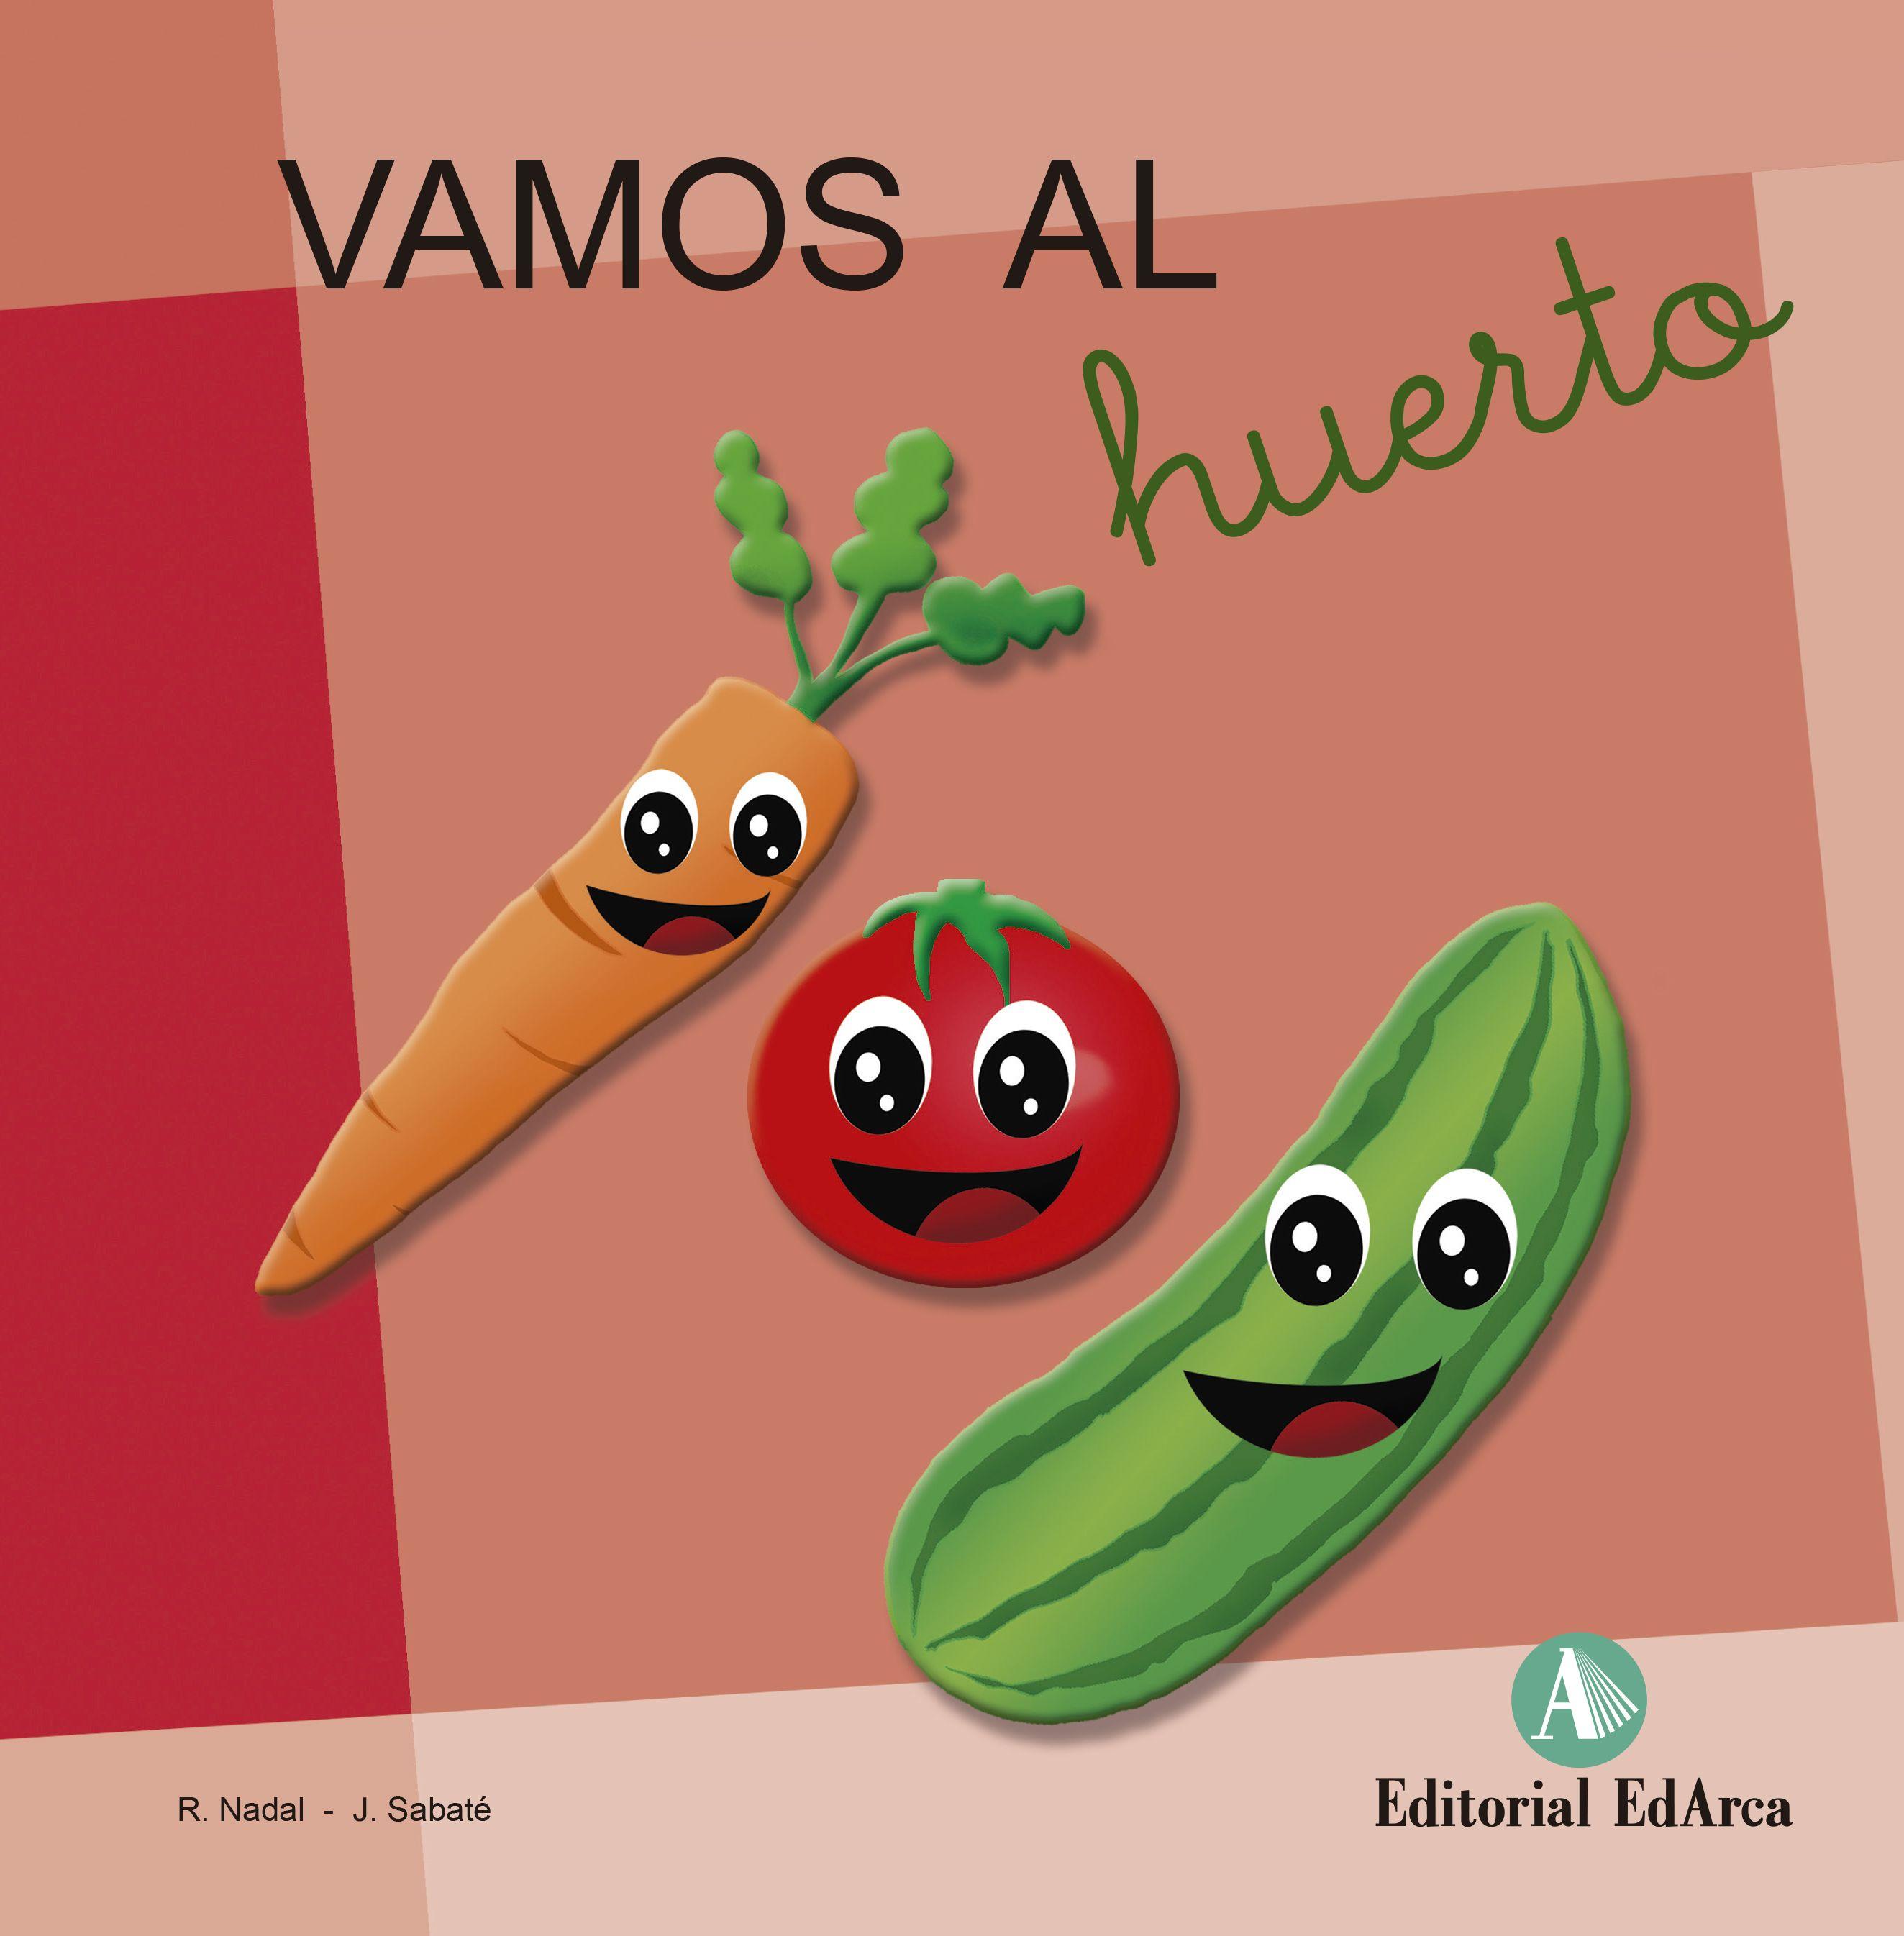 Cuento Infantil Didactivo Vamos Al Huerto Libro De Texto Cuento Infantiles Un Cuento De Navidad